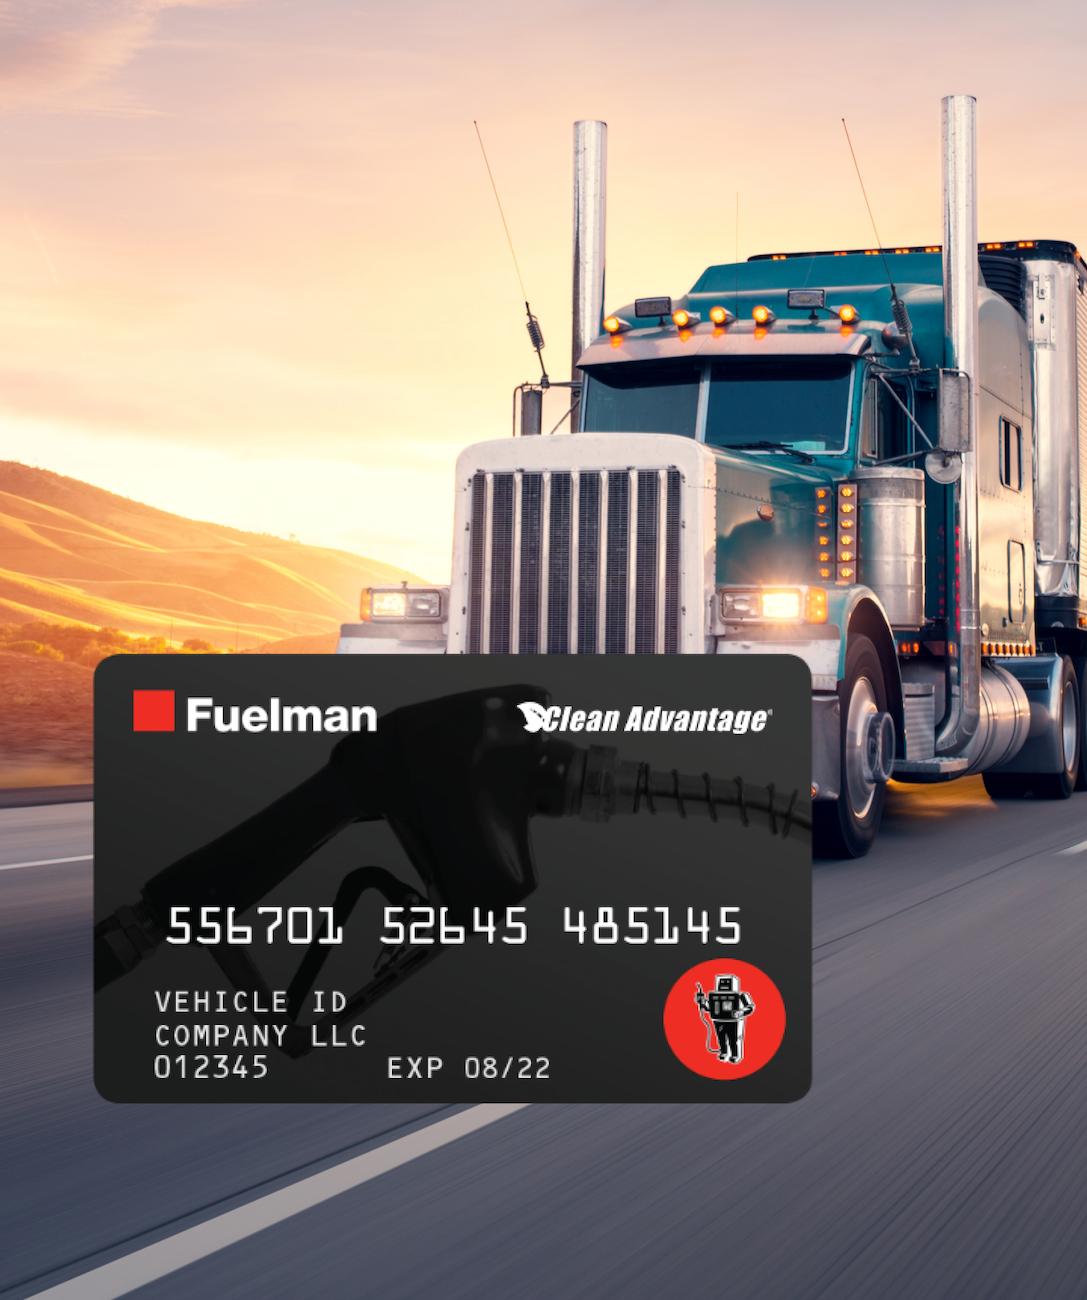 clean advantage environmentally friendly fleet card